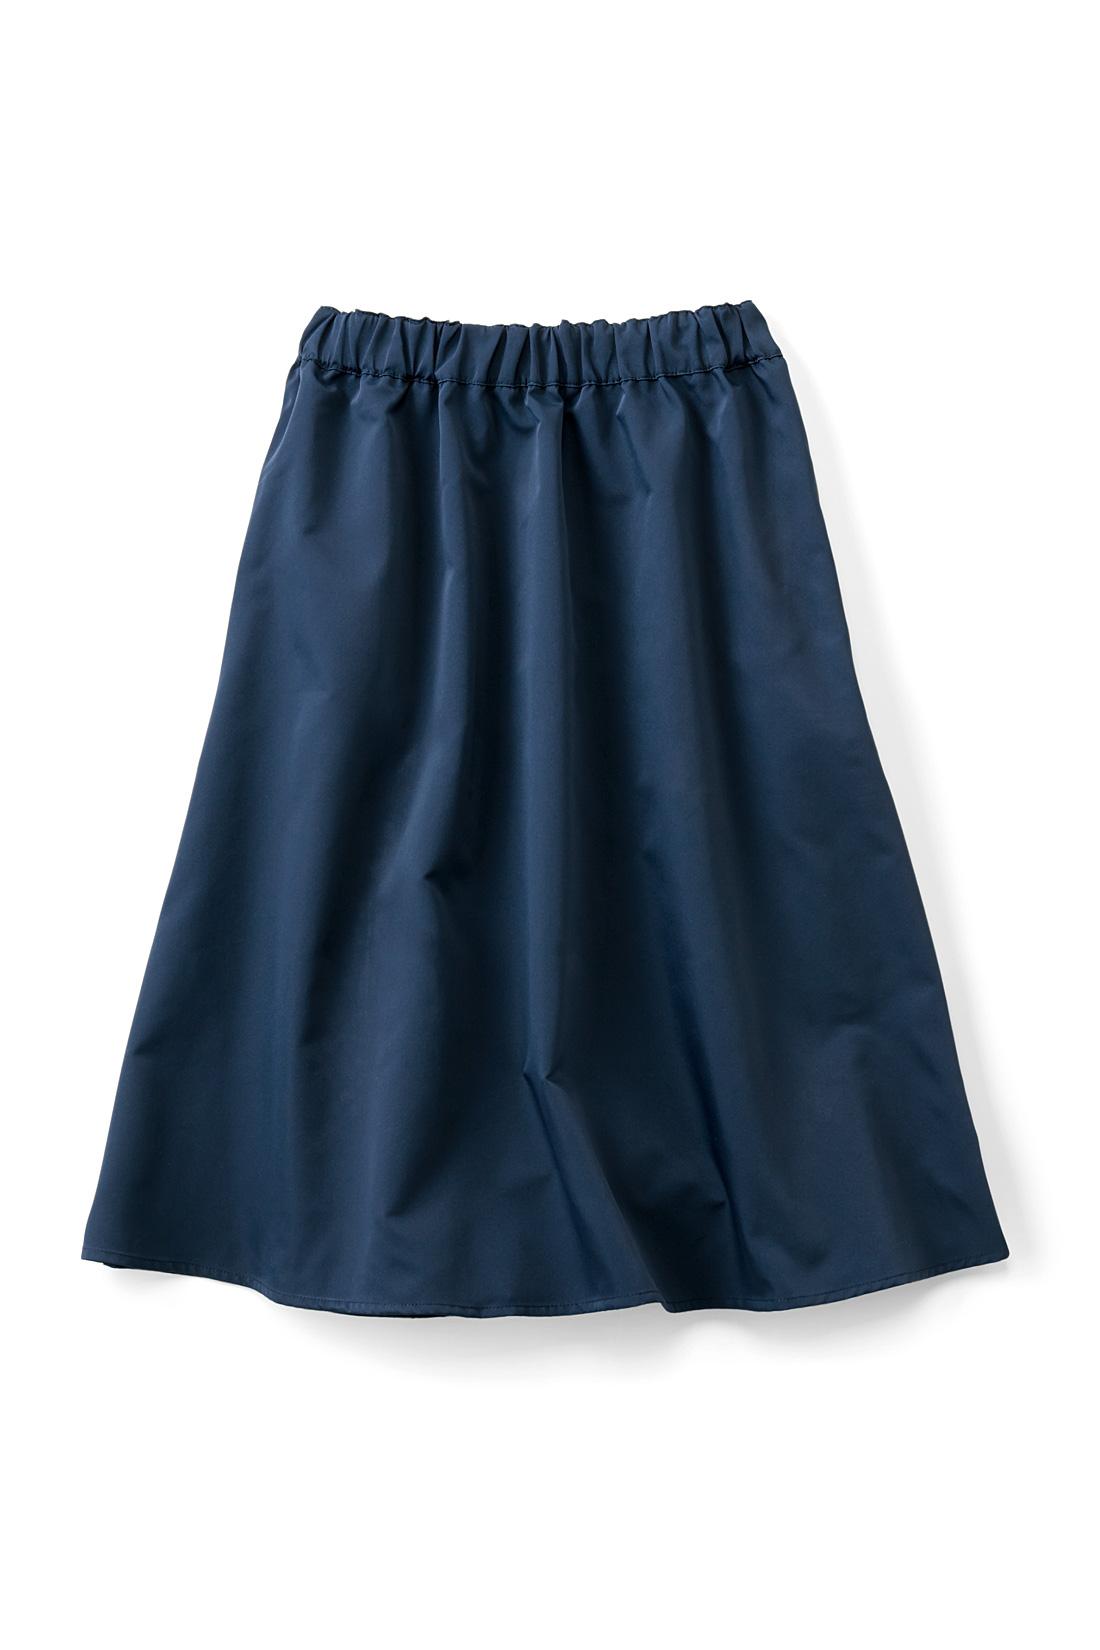 上品な無地ネイビーと、華やかなマルチボーダー柄の2-WAYスカート。